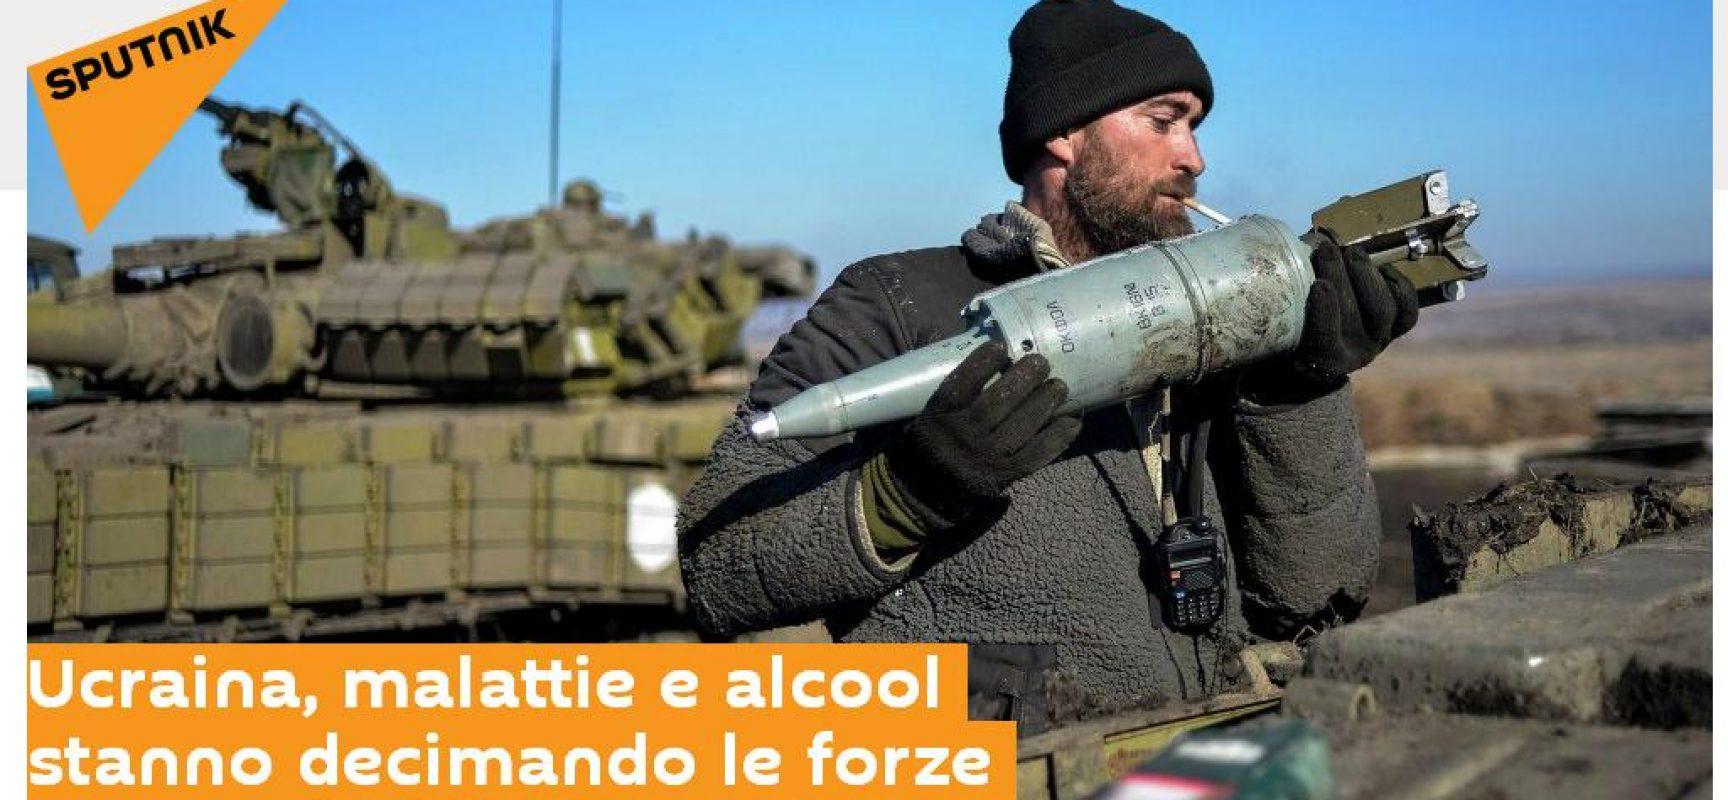 Fake : Ucraina, malattie e alcool stanno decimando le forze armate